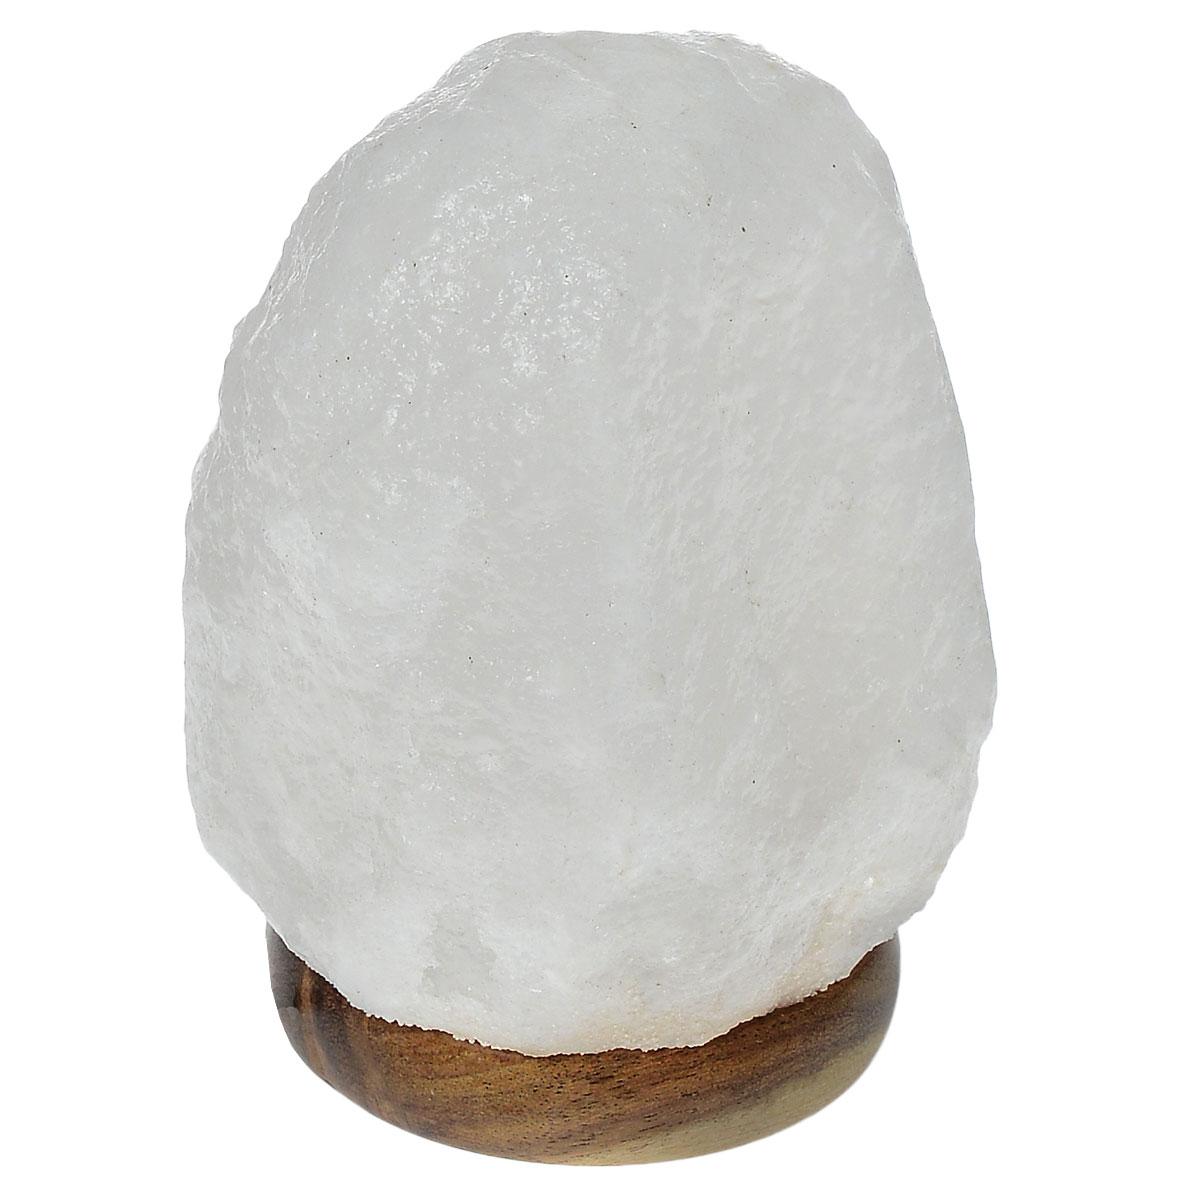 Лампа солевая Zenet Скала. 700a030077Лампа Zenet Скала, изготовленная из природной каменной соли, работает от USB-порта. Материал плафона лампы - натуральная гималайская соль из Пакистана. Соль в холодном состоянии обладает способностью поглощать влагу из воздуха, а при нагреве выделять влагу. Источником света в лампе служит электрическая лампочка (входит в комплект). Изделие имеет деревянную подставку.Солевая лампа станет не только прекрасным элементом интерьера, но и мягким природным ионизатором, который принесет в ваш дом красоту, гармонию и здоровье. Преимущества очищения воздуха каменной солью:- облегчение головной боли при мигрени, - повышение уровня серотонина в крови, - уменьшение тяжести приступов астмы, - укрепление иммунной системы и снижение уязвимости к простуде и гриппу.